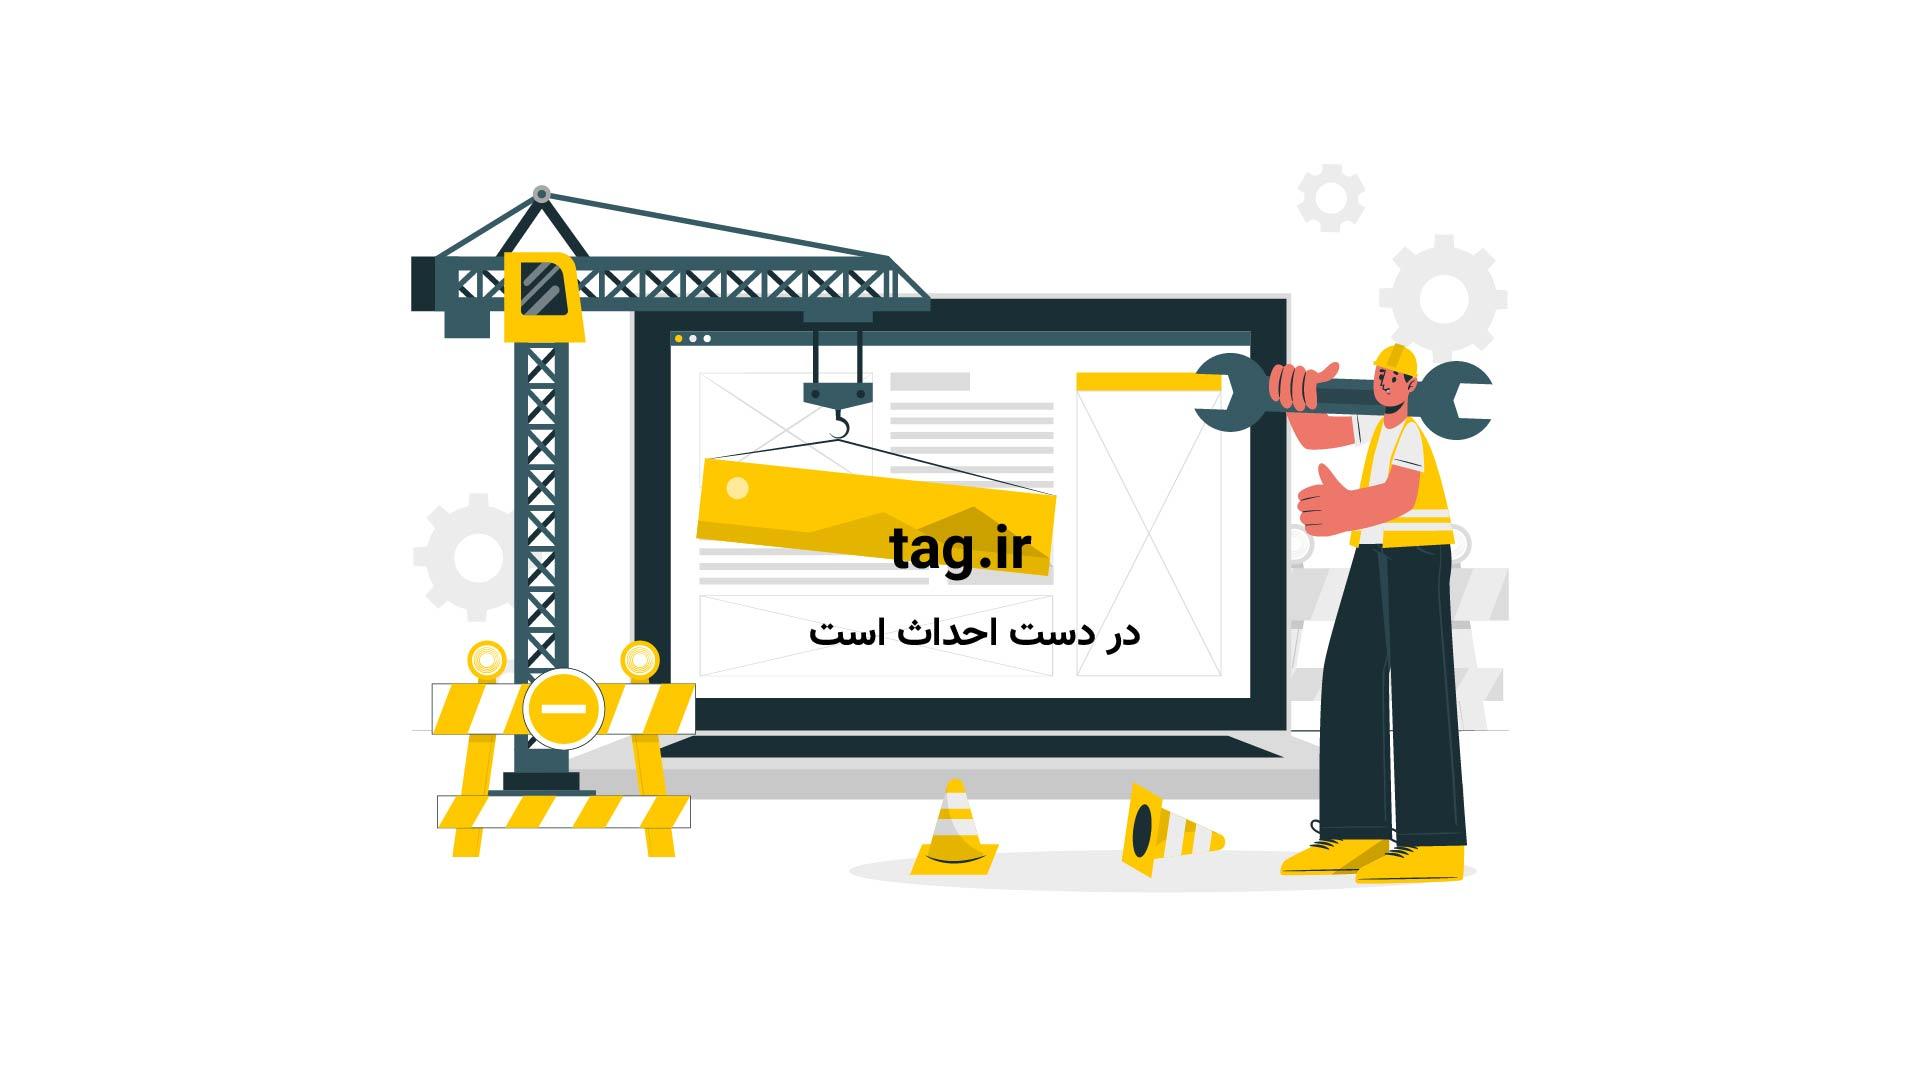 دوستی خرس و گربه | تگ